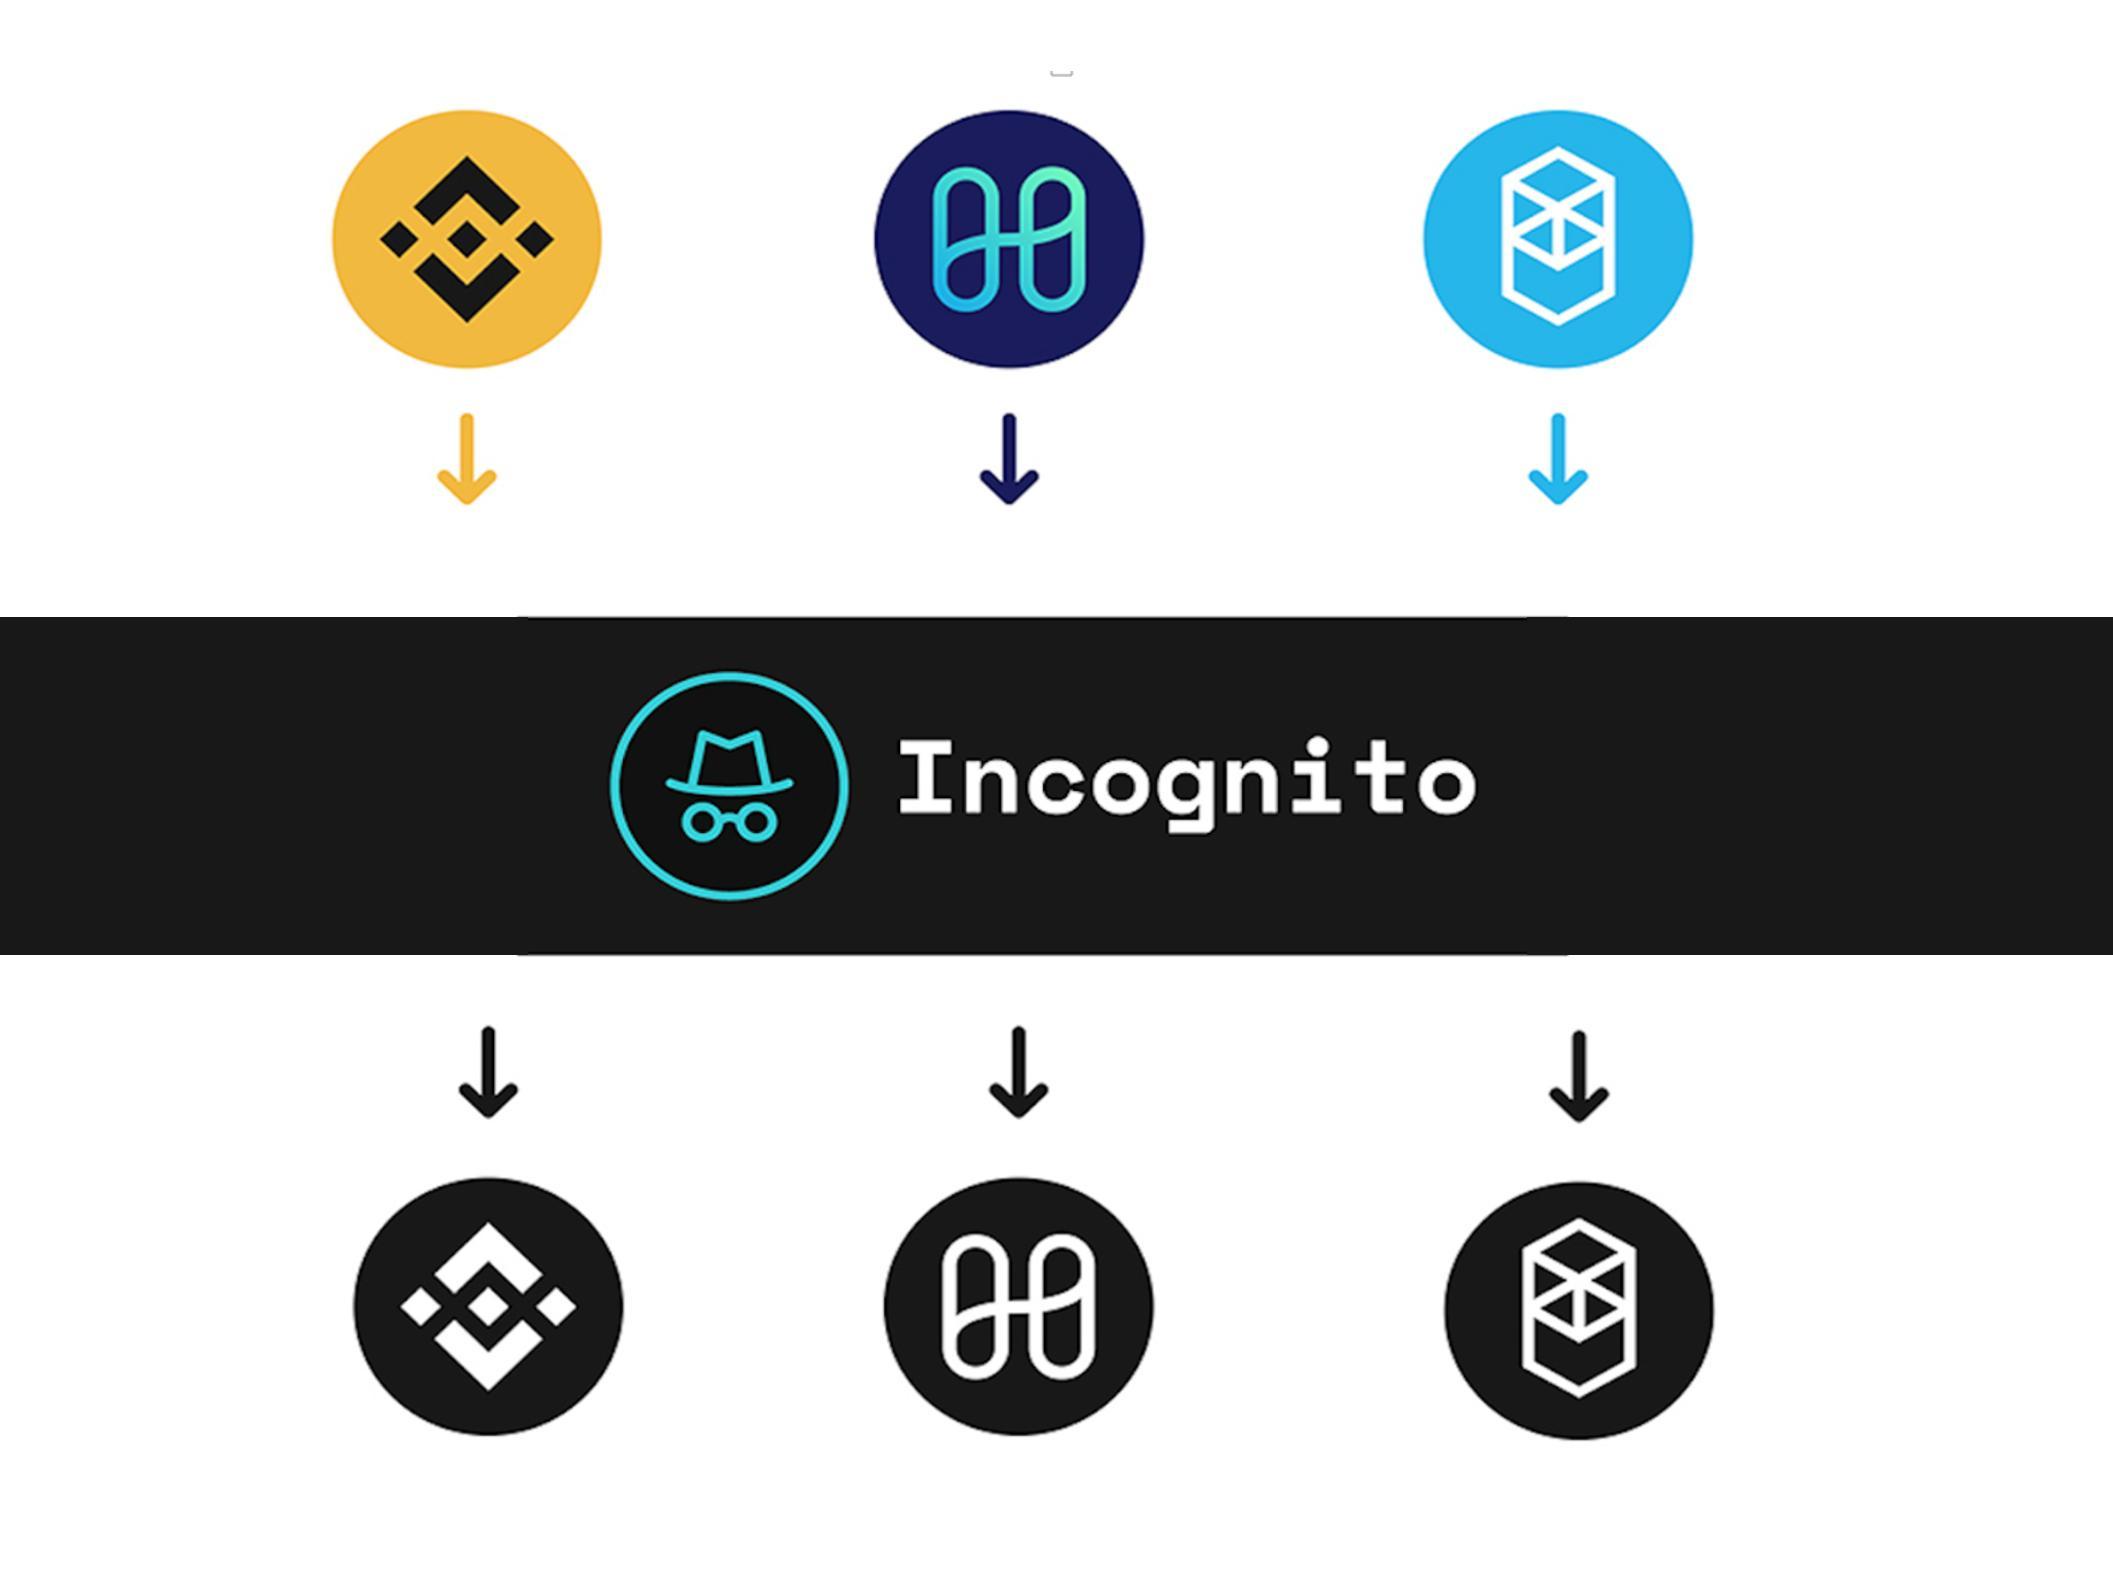 Go%Incognito